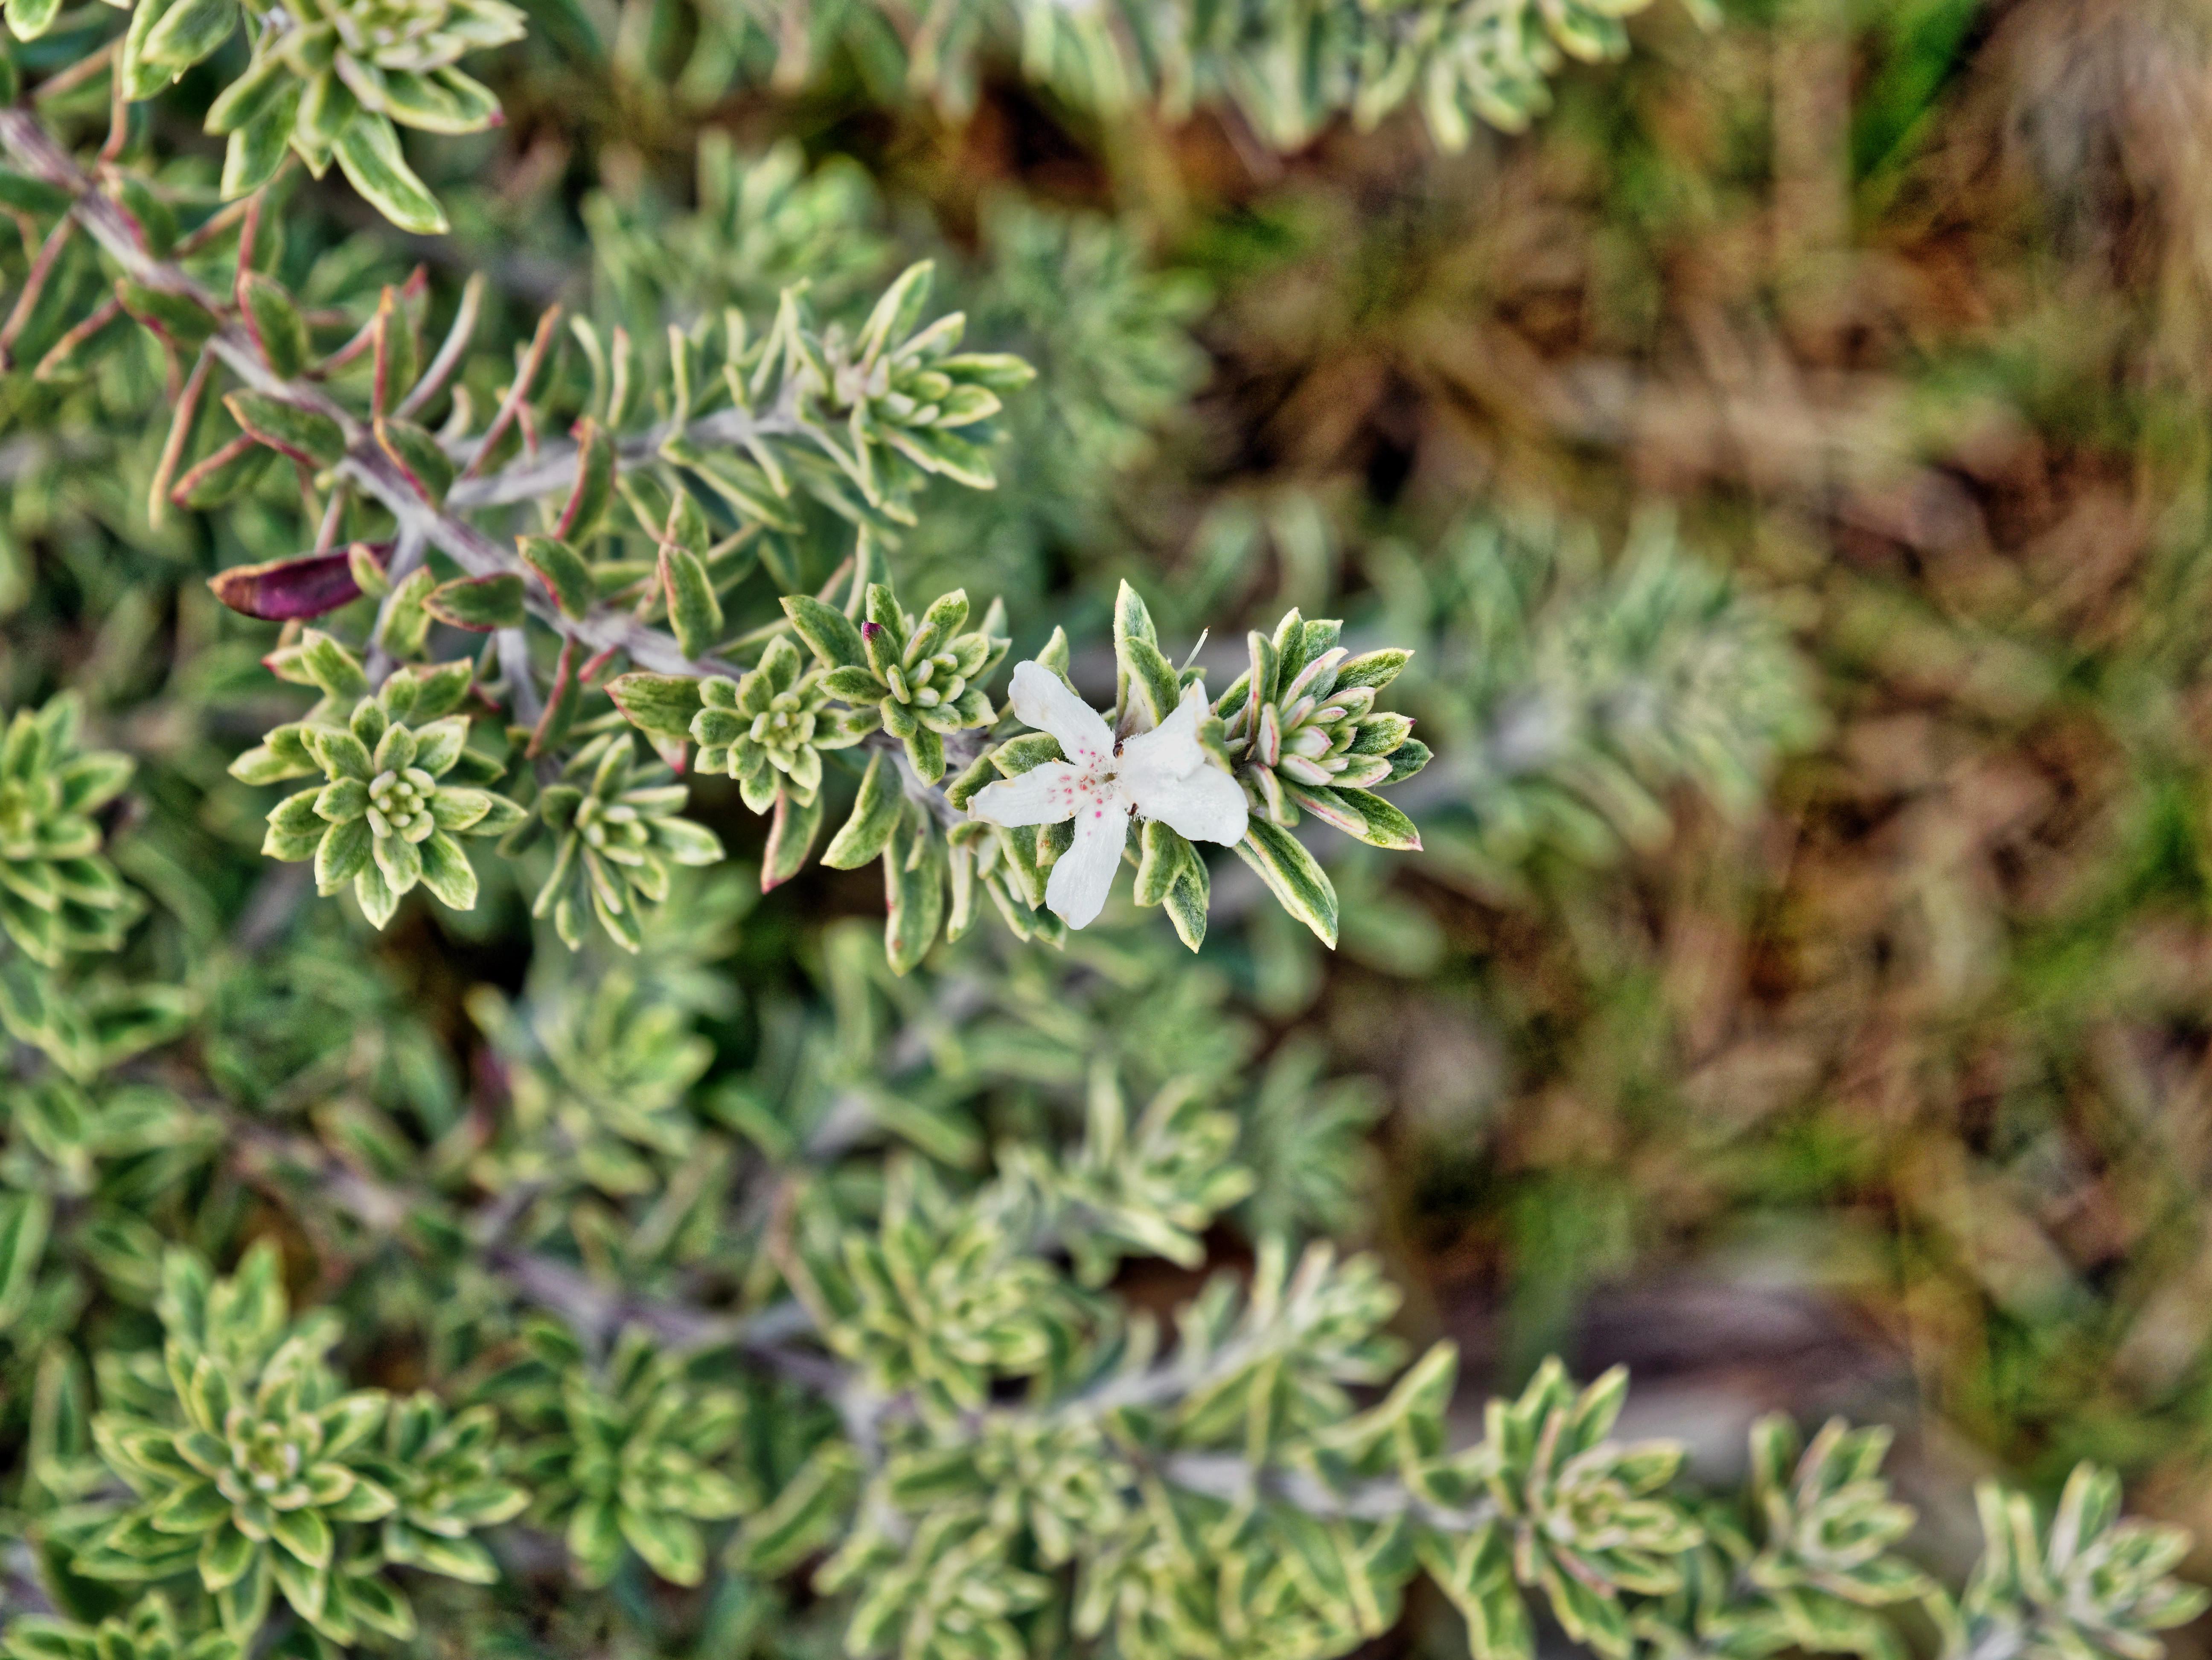 Westringia-fruticosa-2.jpeg